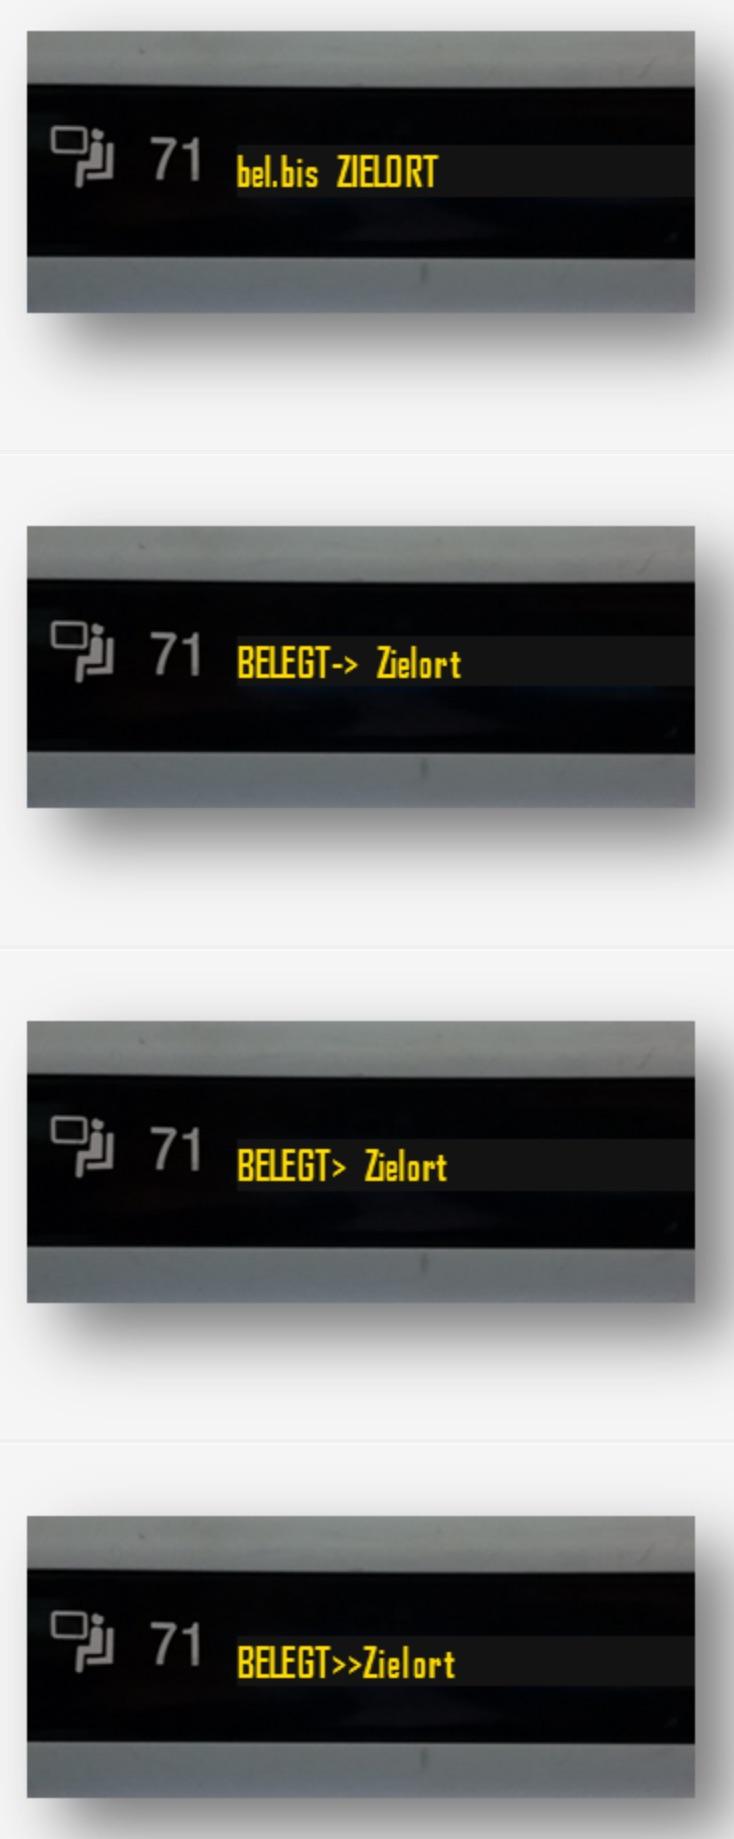 Bahn Check-in Sitzplatzreservierung